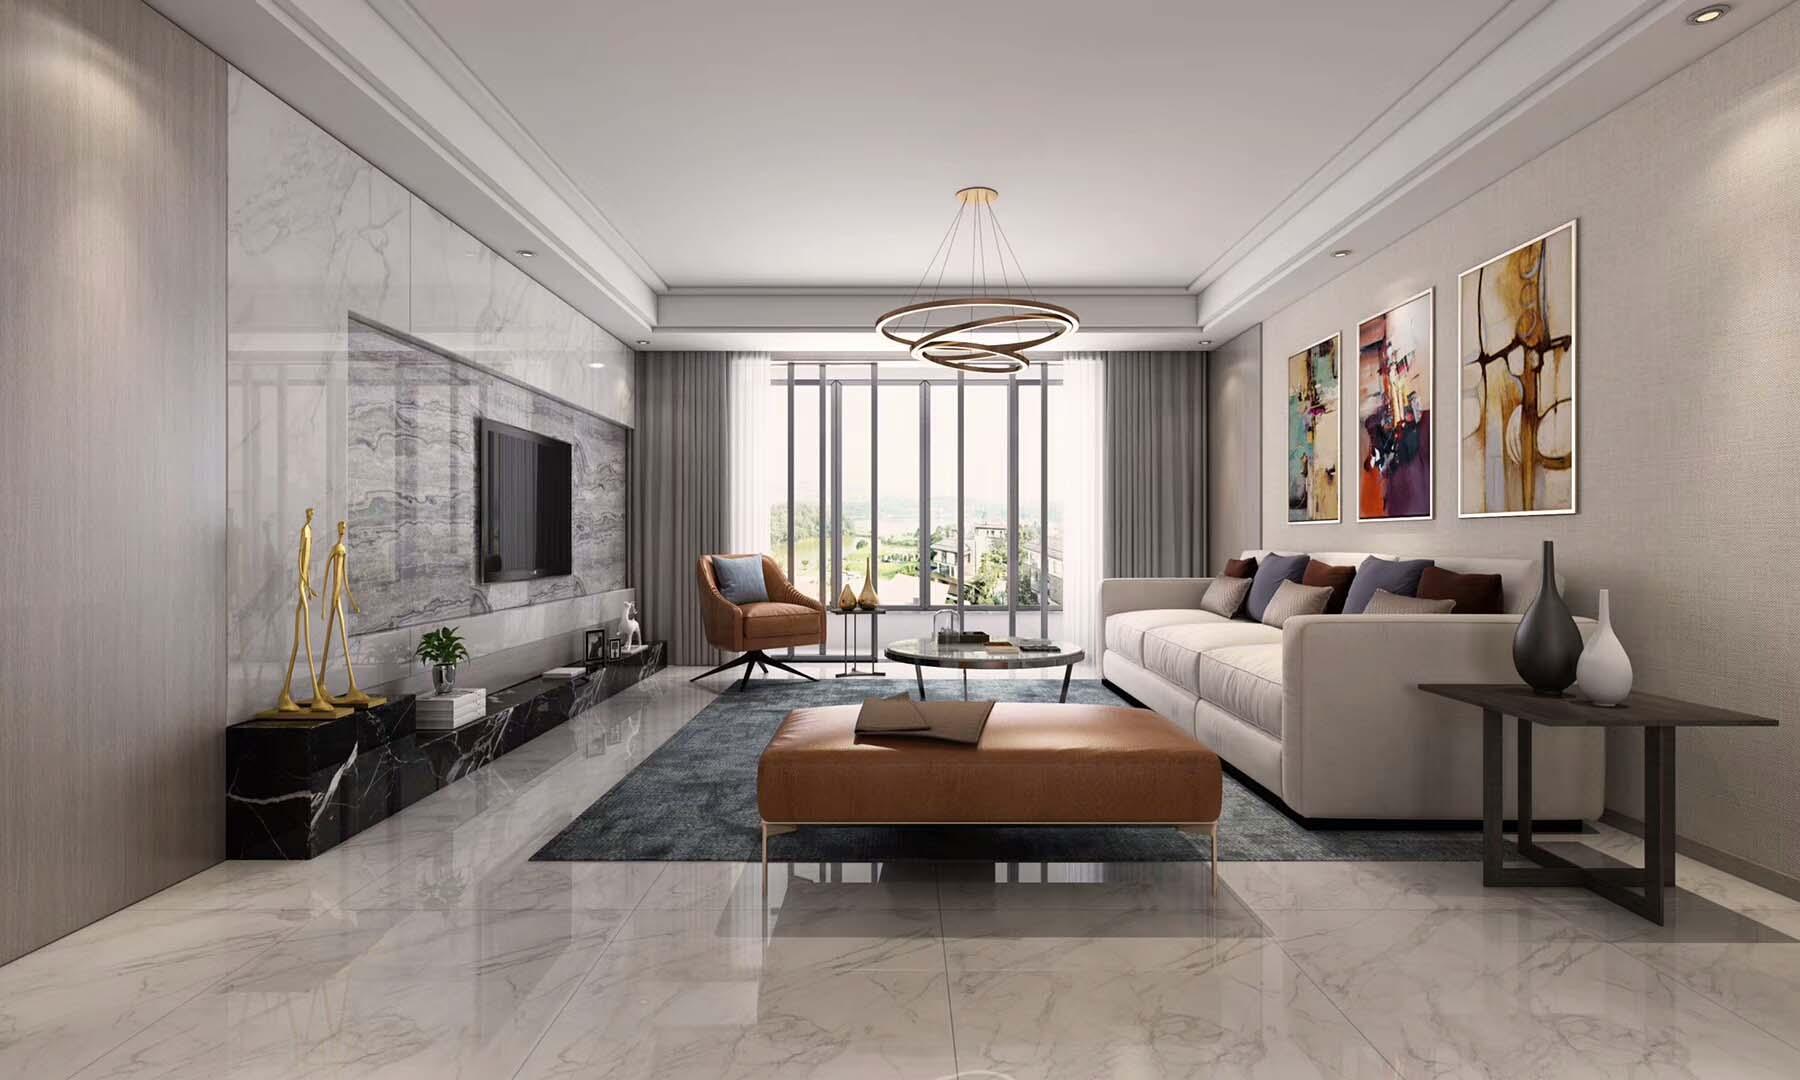 房子装修设计专业装修公司|专业装修公司—名匠